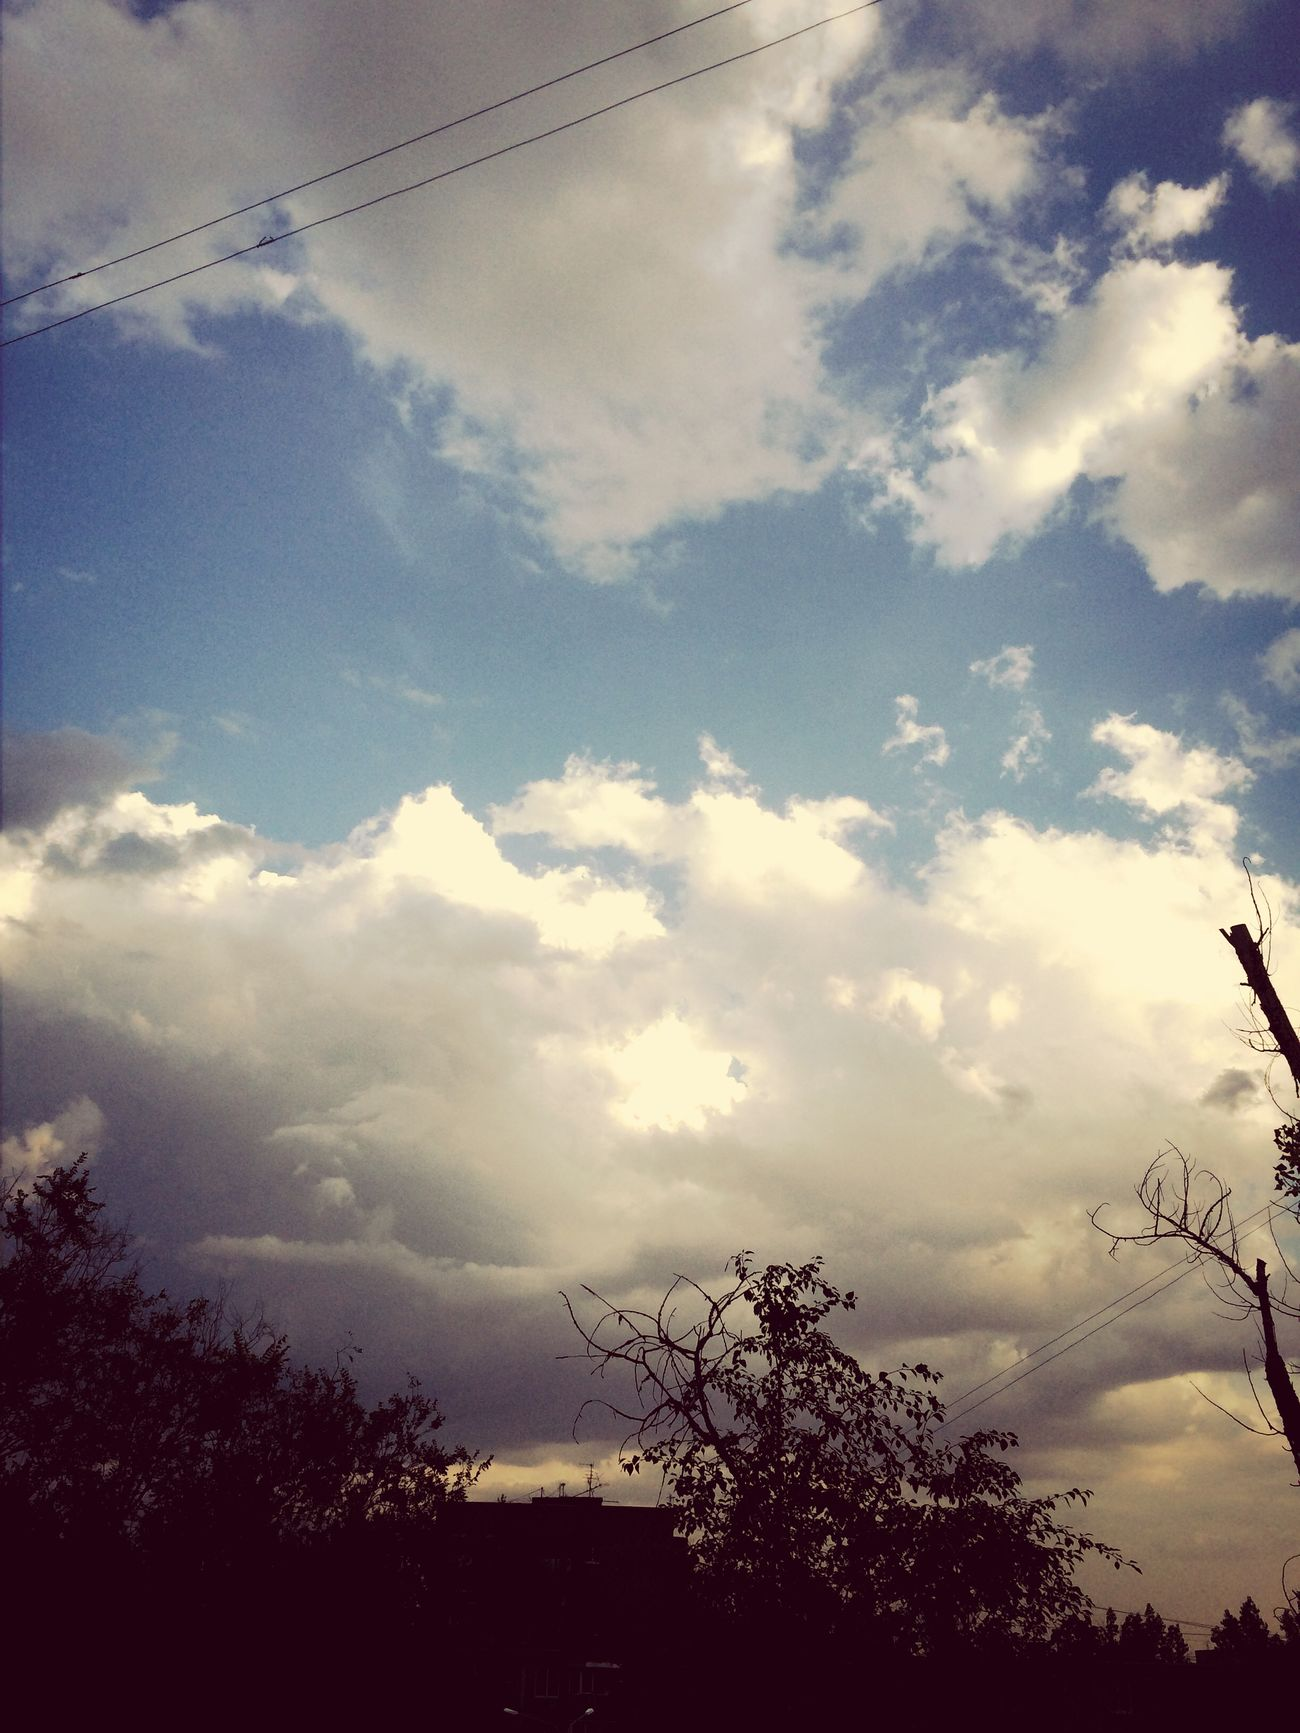 За все время, за все 1,5 месяца нашего жаркого ростовского лета мы не наблюдали тучек, облаков, проносившихся в даль, было одно только ядерное палящее Солнышко ?☀️ Я очень удивилась, посмотрев на небо, и заметила, что сейчас слегка облачно ⛅️ . В принципе, нашим деревьями сейчас 2-х дневный дождик не помешал бы ????. Я уверена более чем половина ростовчан будут ходить под дождем без зонтов ?☔️☔️☔️?☁️ В общем, рады ✌️. Ростовчане , привет ?✌️